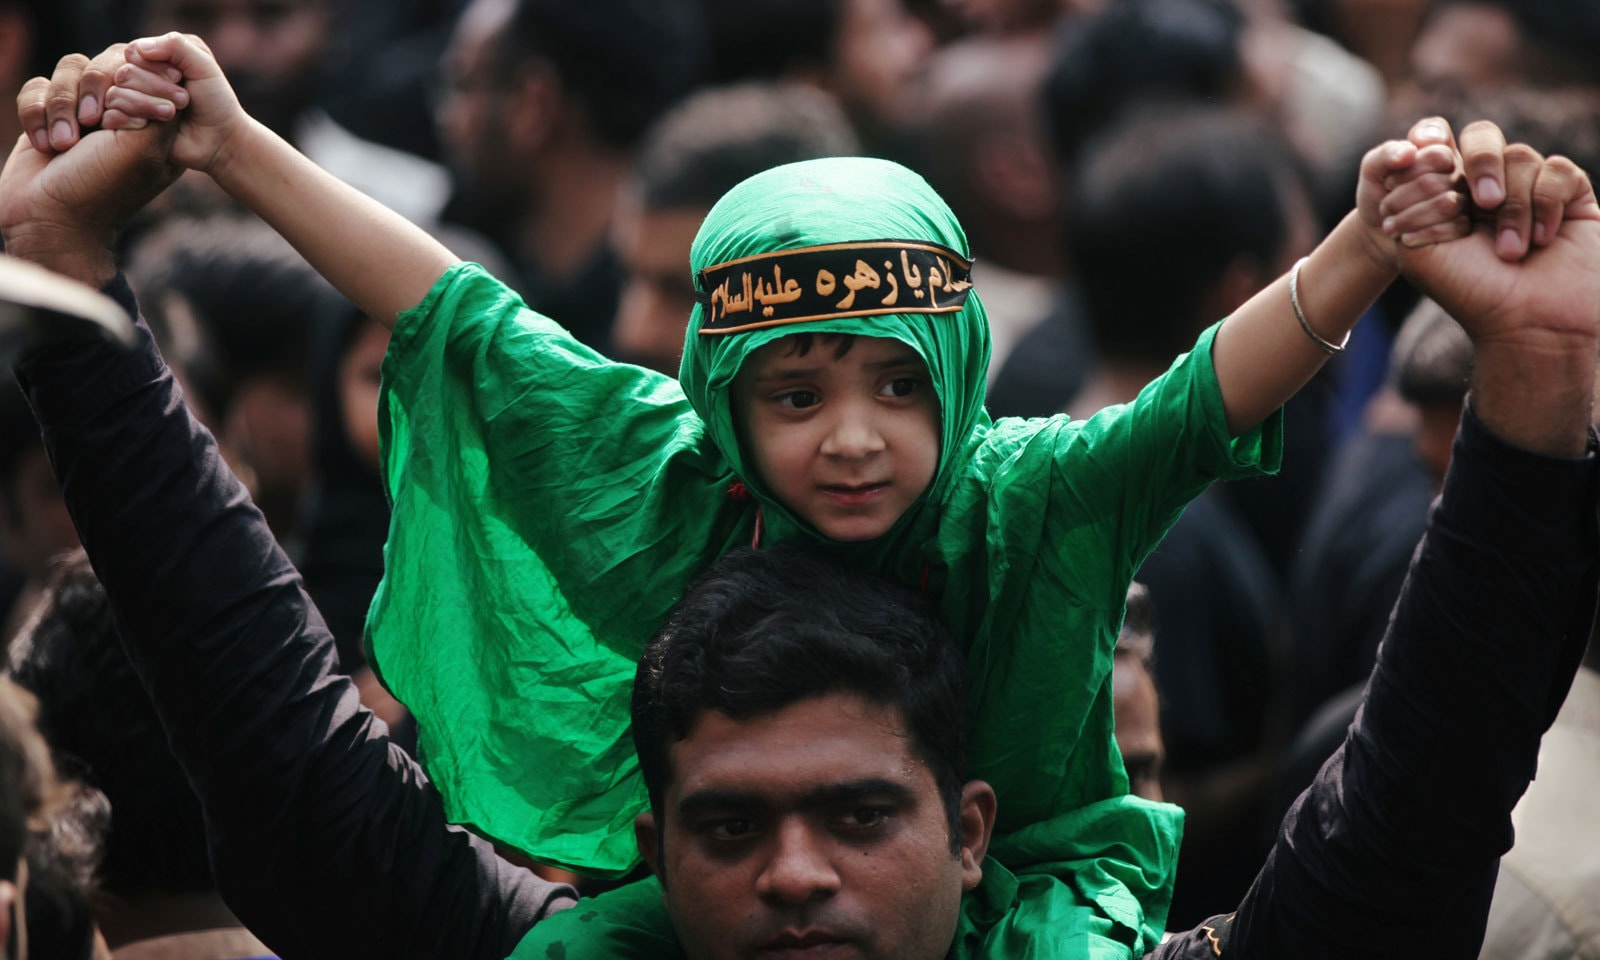 9 محرم الحرام کے جلوس میں بچوں نے بھی بڑے کے ہمراہ بھرپور شرکت کی— فوٹو: رائٹرز